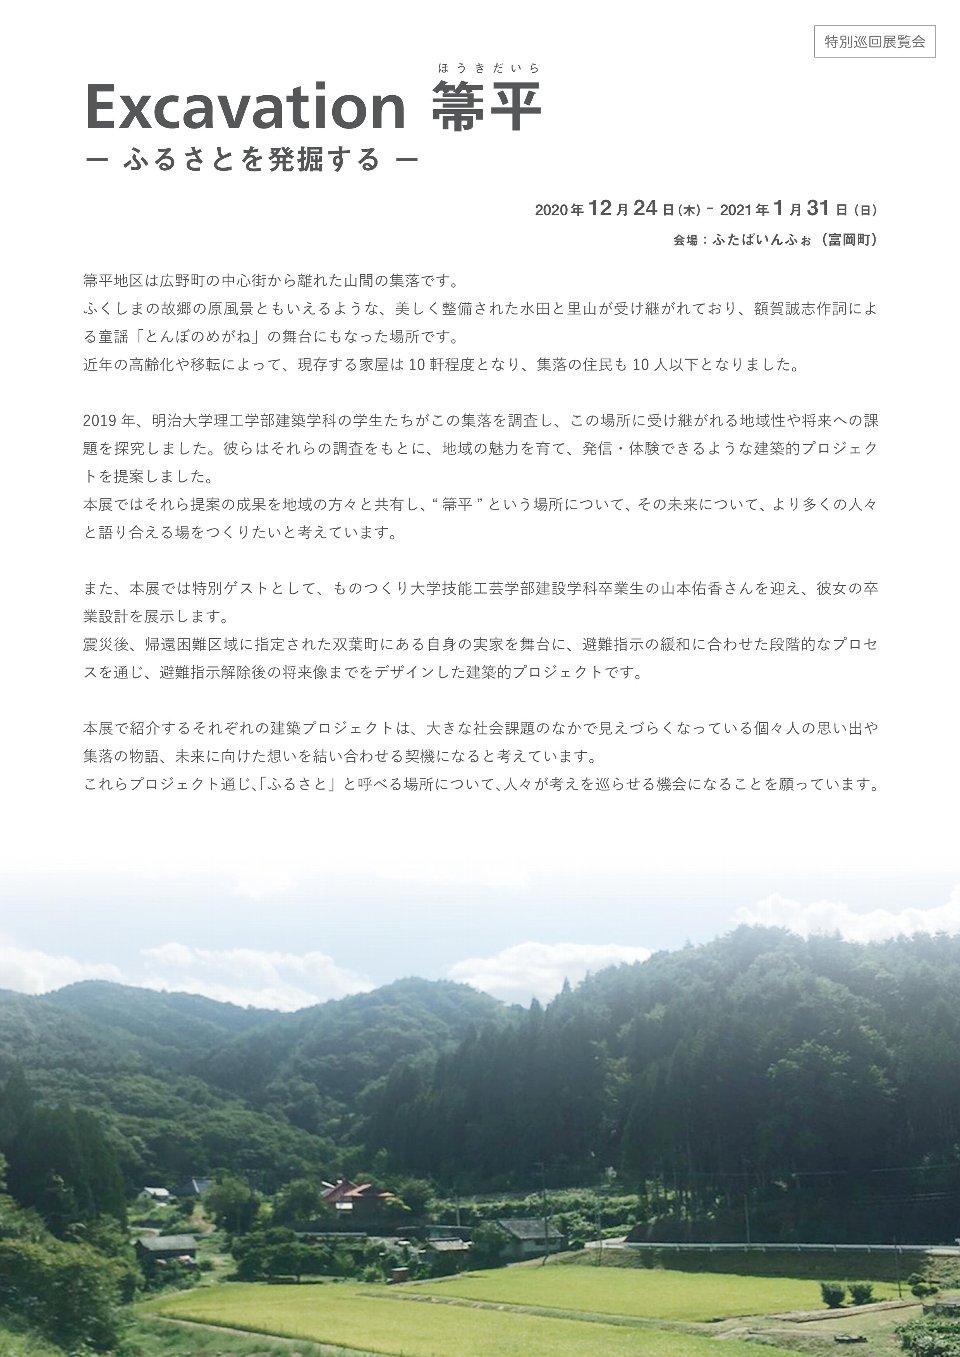 ~2021/1/31まで【富岡町】Excavation箒平(ほうきだいら) -ふるさとを発掘する- 特別巡回展 @ ふたばいんふぉ 他